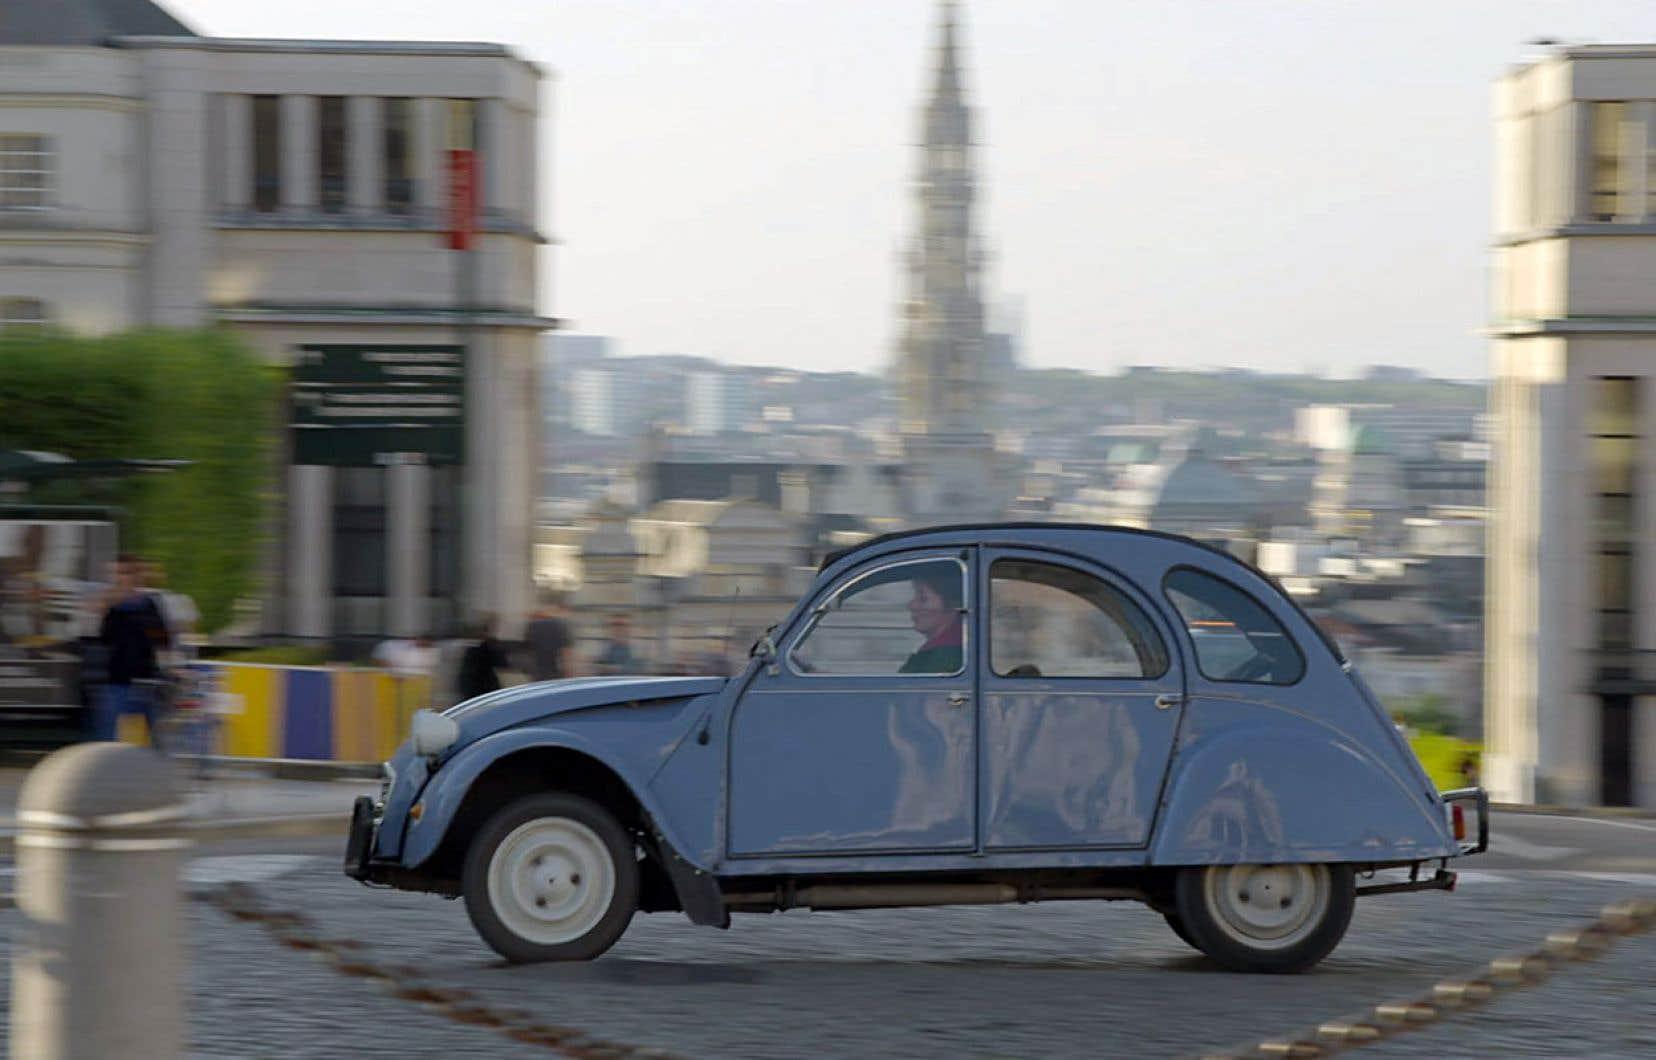 Les documentaristes ont suivi à la trace la juge, même lors de ses virées dans la capitale belge au volant de sa vieille Citroën 2CV.